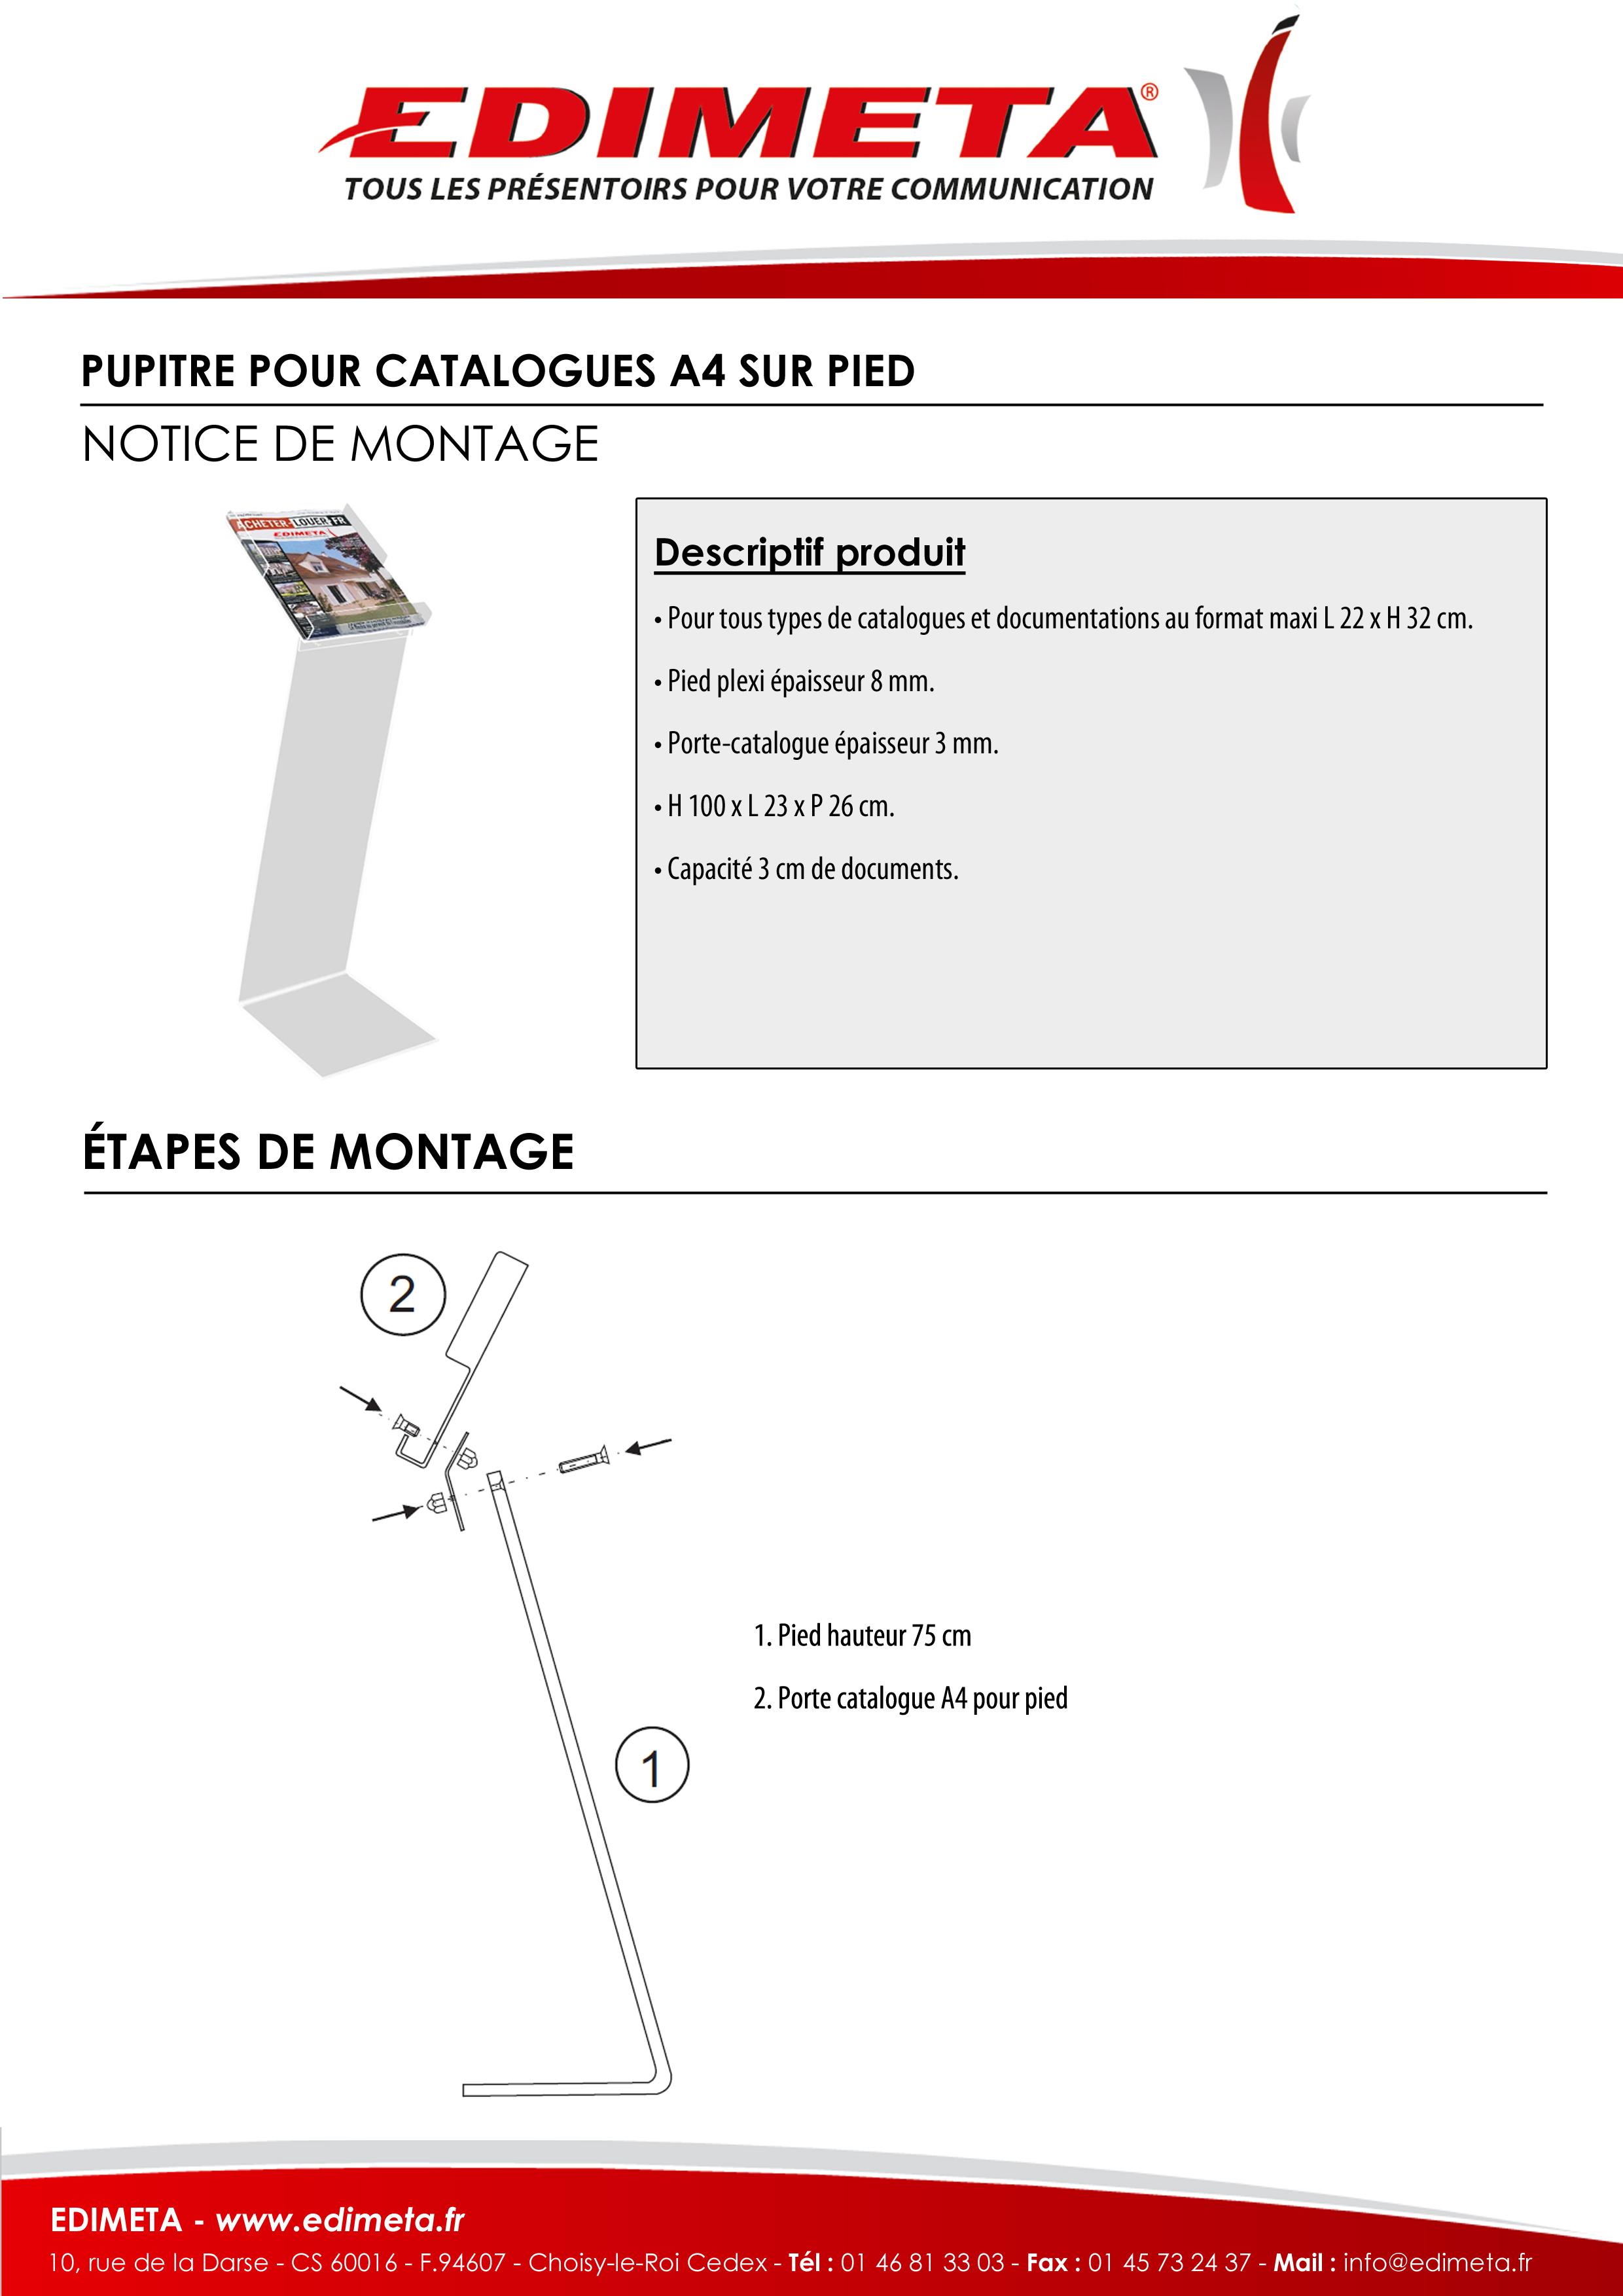 NOTICE DE MONTAGE : PUPITRE POUR CATALOGUES A4 SUR PIED